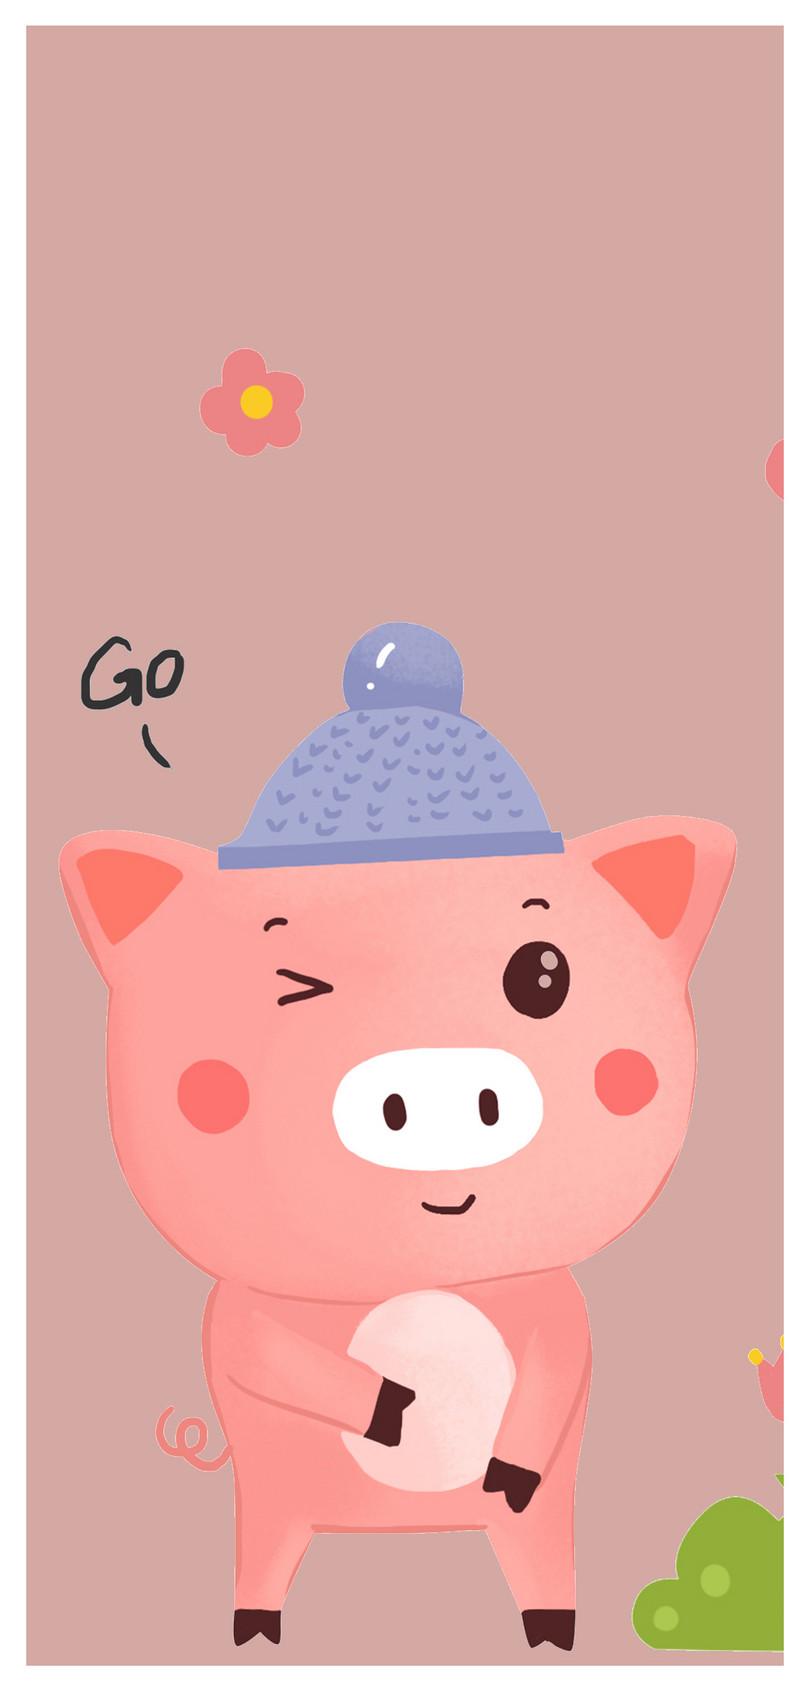 Babi Kecil Ponsel Yang Lucu HD Wallpaper